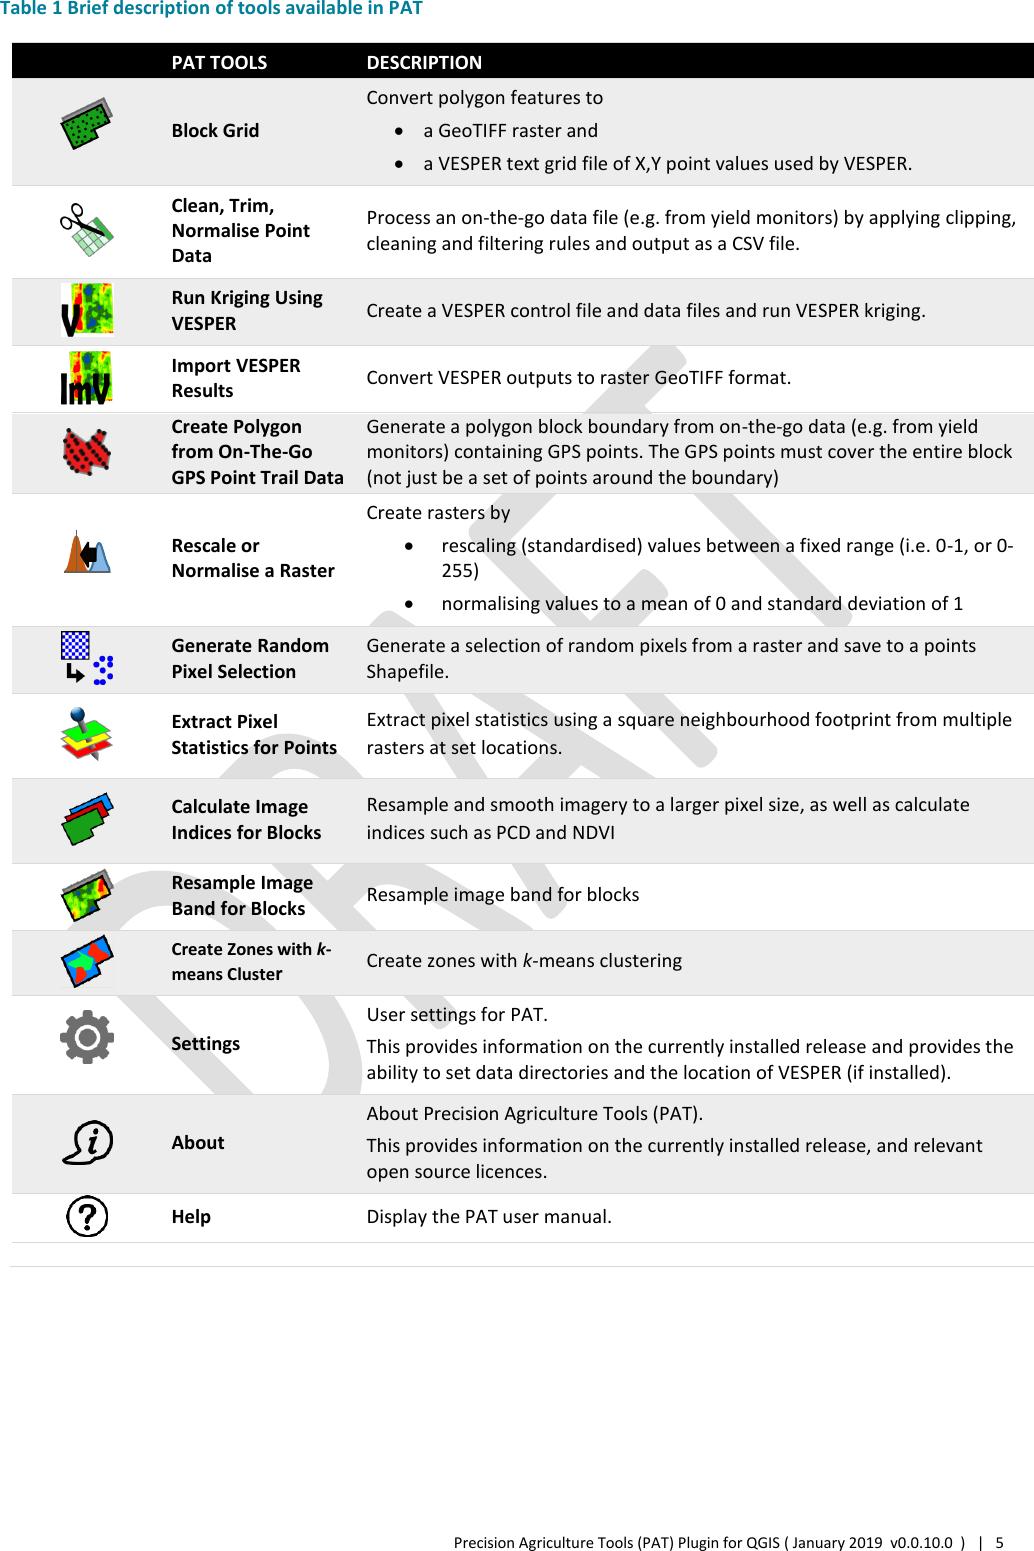 Precision Agriculture Tools (PAT) User Manual PAT